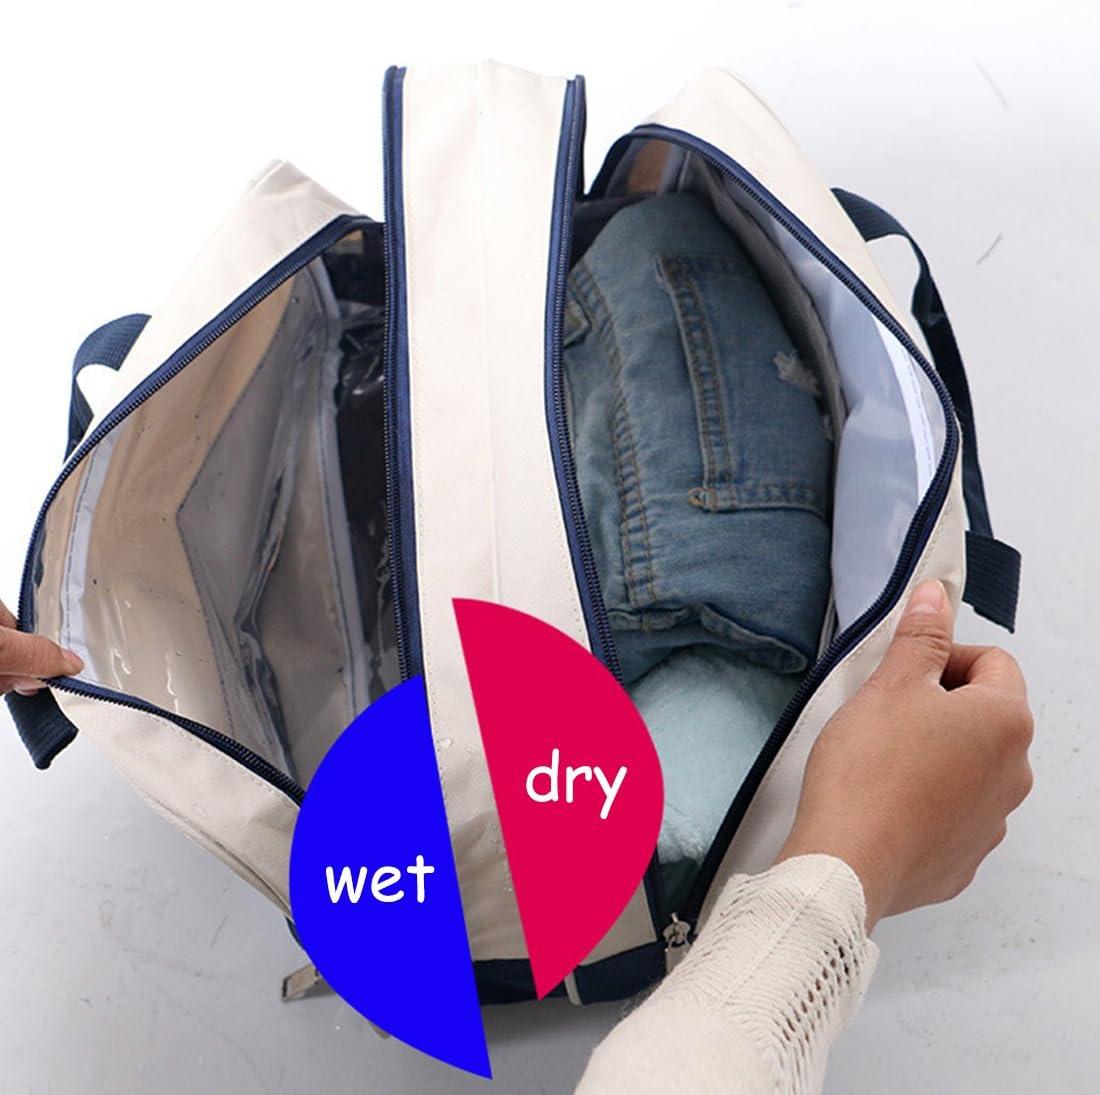 /Étanche Sac Pour les voyages S/éparation pour les produits humides et secs Dooppa Trousse de toilette les produits cosm/étiques Pour le maquillage